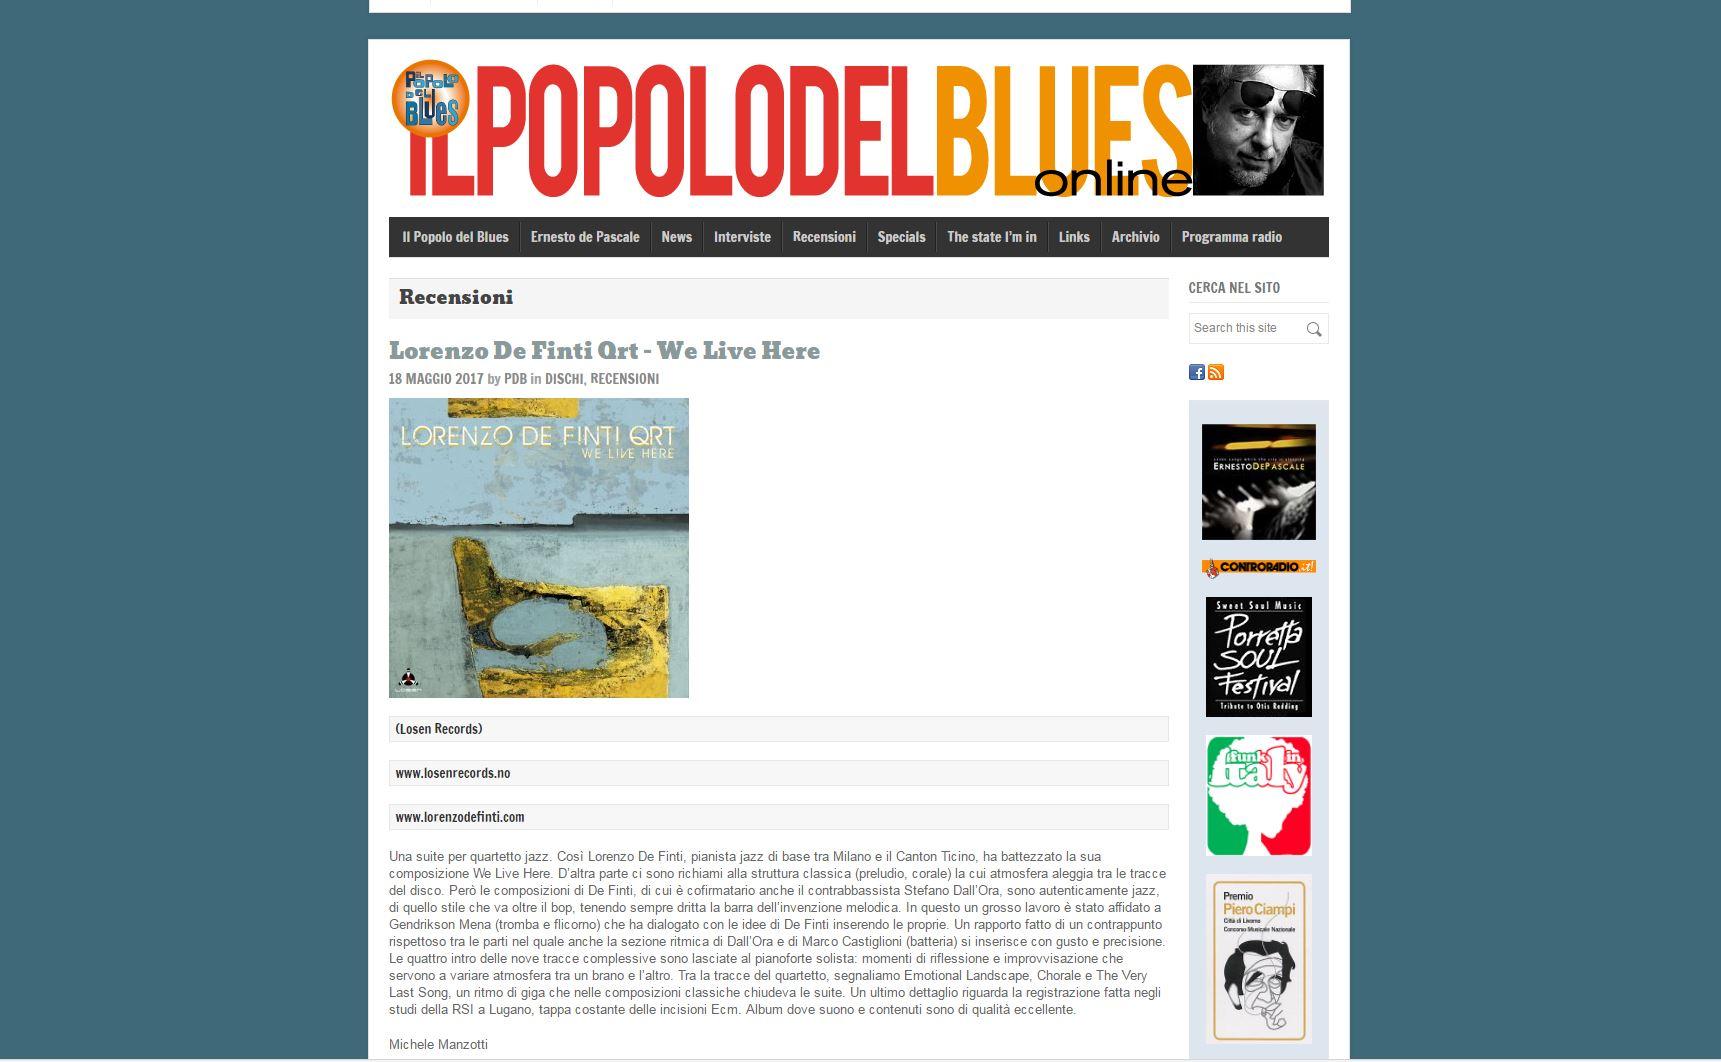 popolo del blues